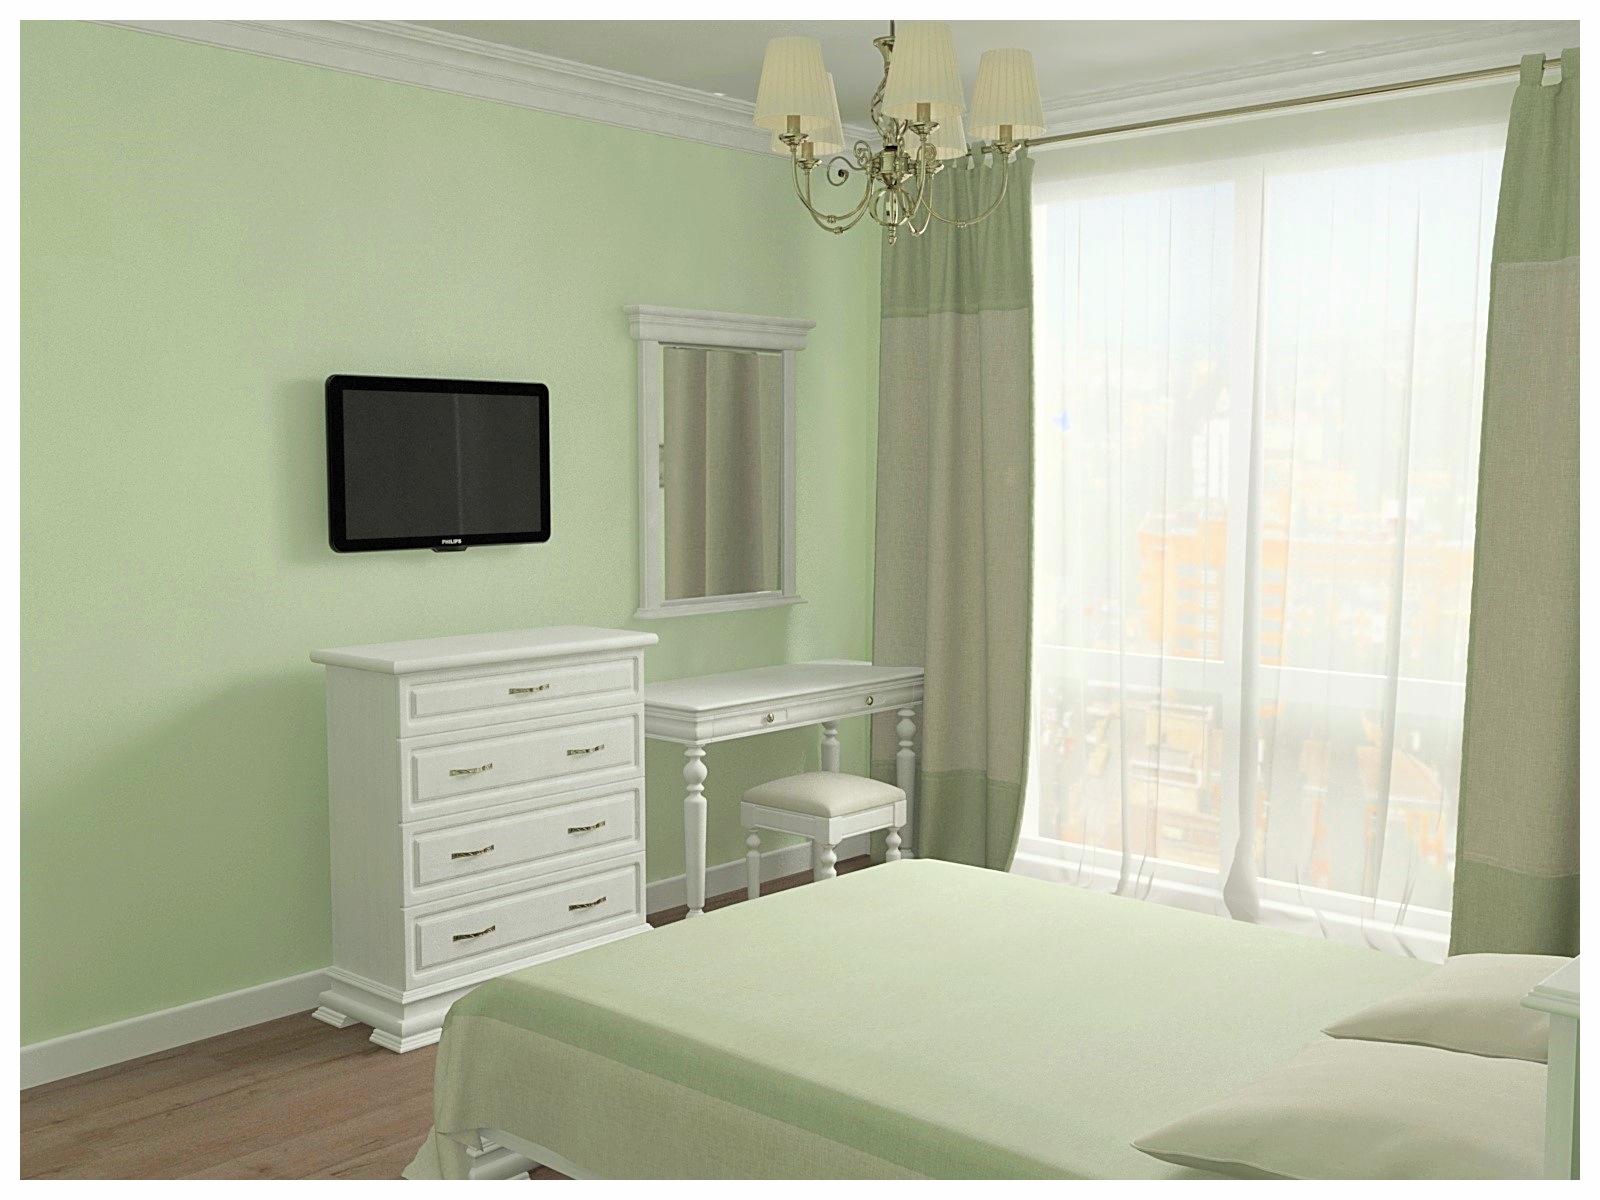 Дизайн интерьеров двухкомнатной квартиры. Спальня 1.